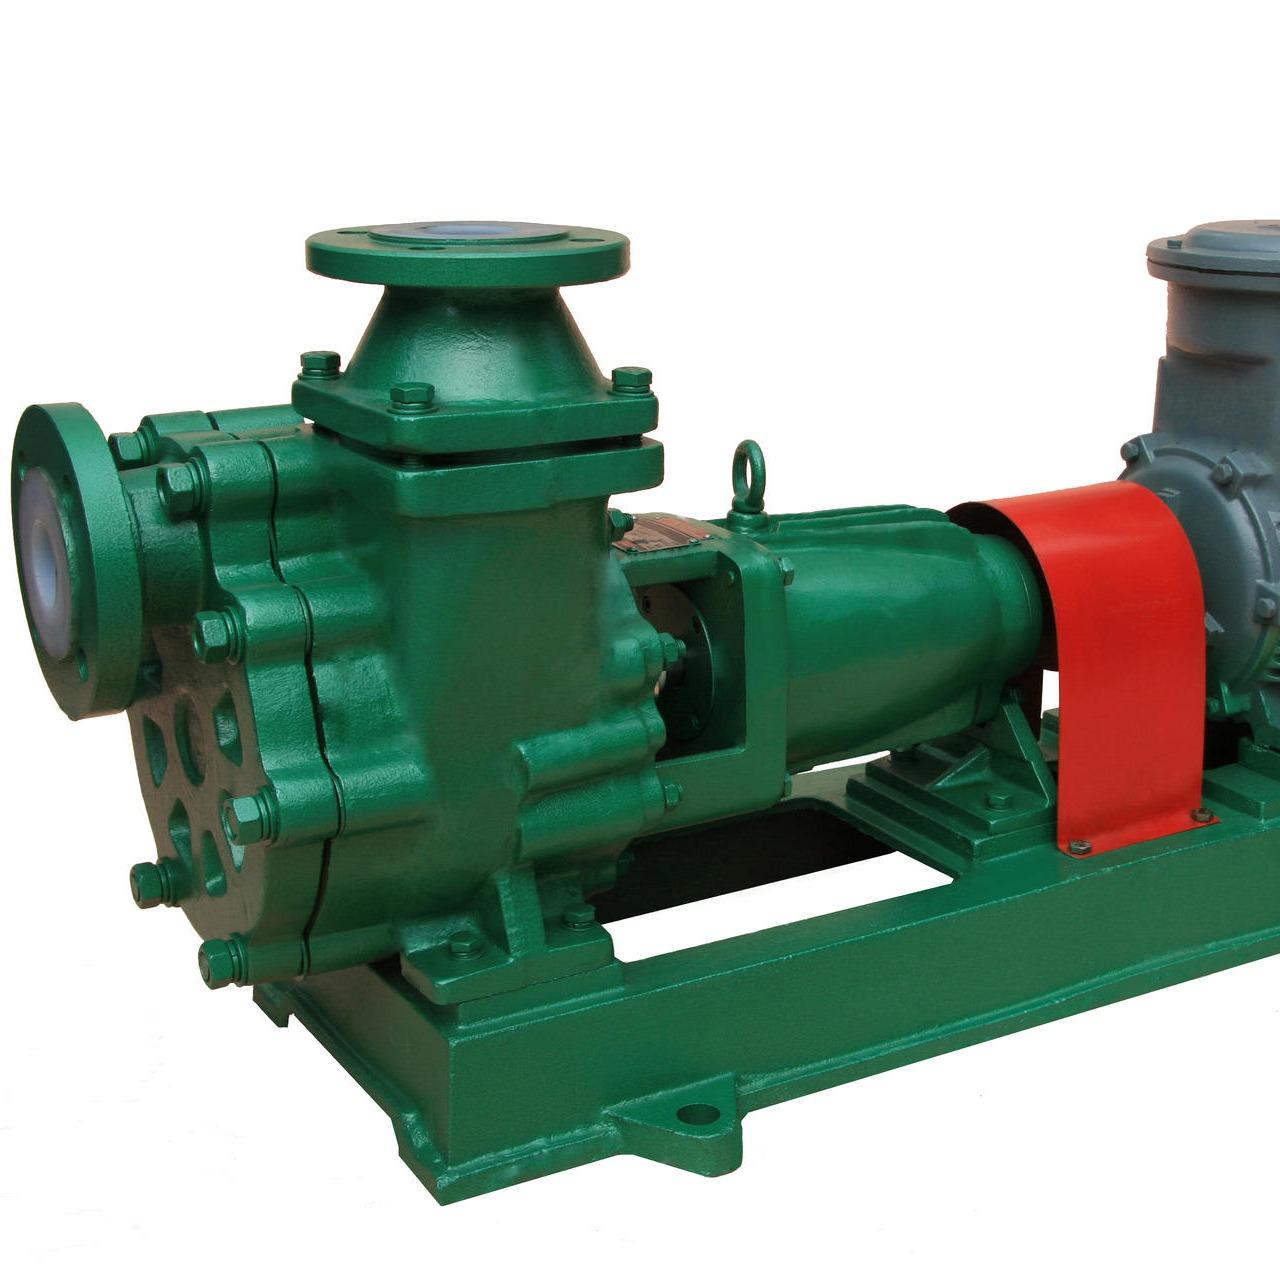 博特泵閥 FZB 襯氟自吸泵 高溫耐腐蝕離心自吸泵 創新設計 環保節能 防腐耐磨